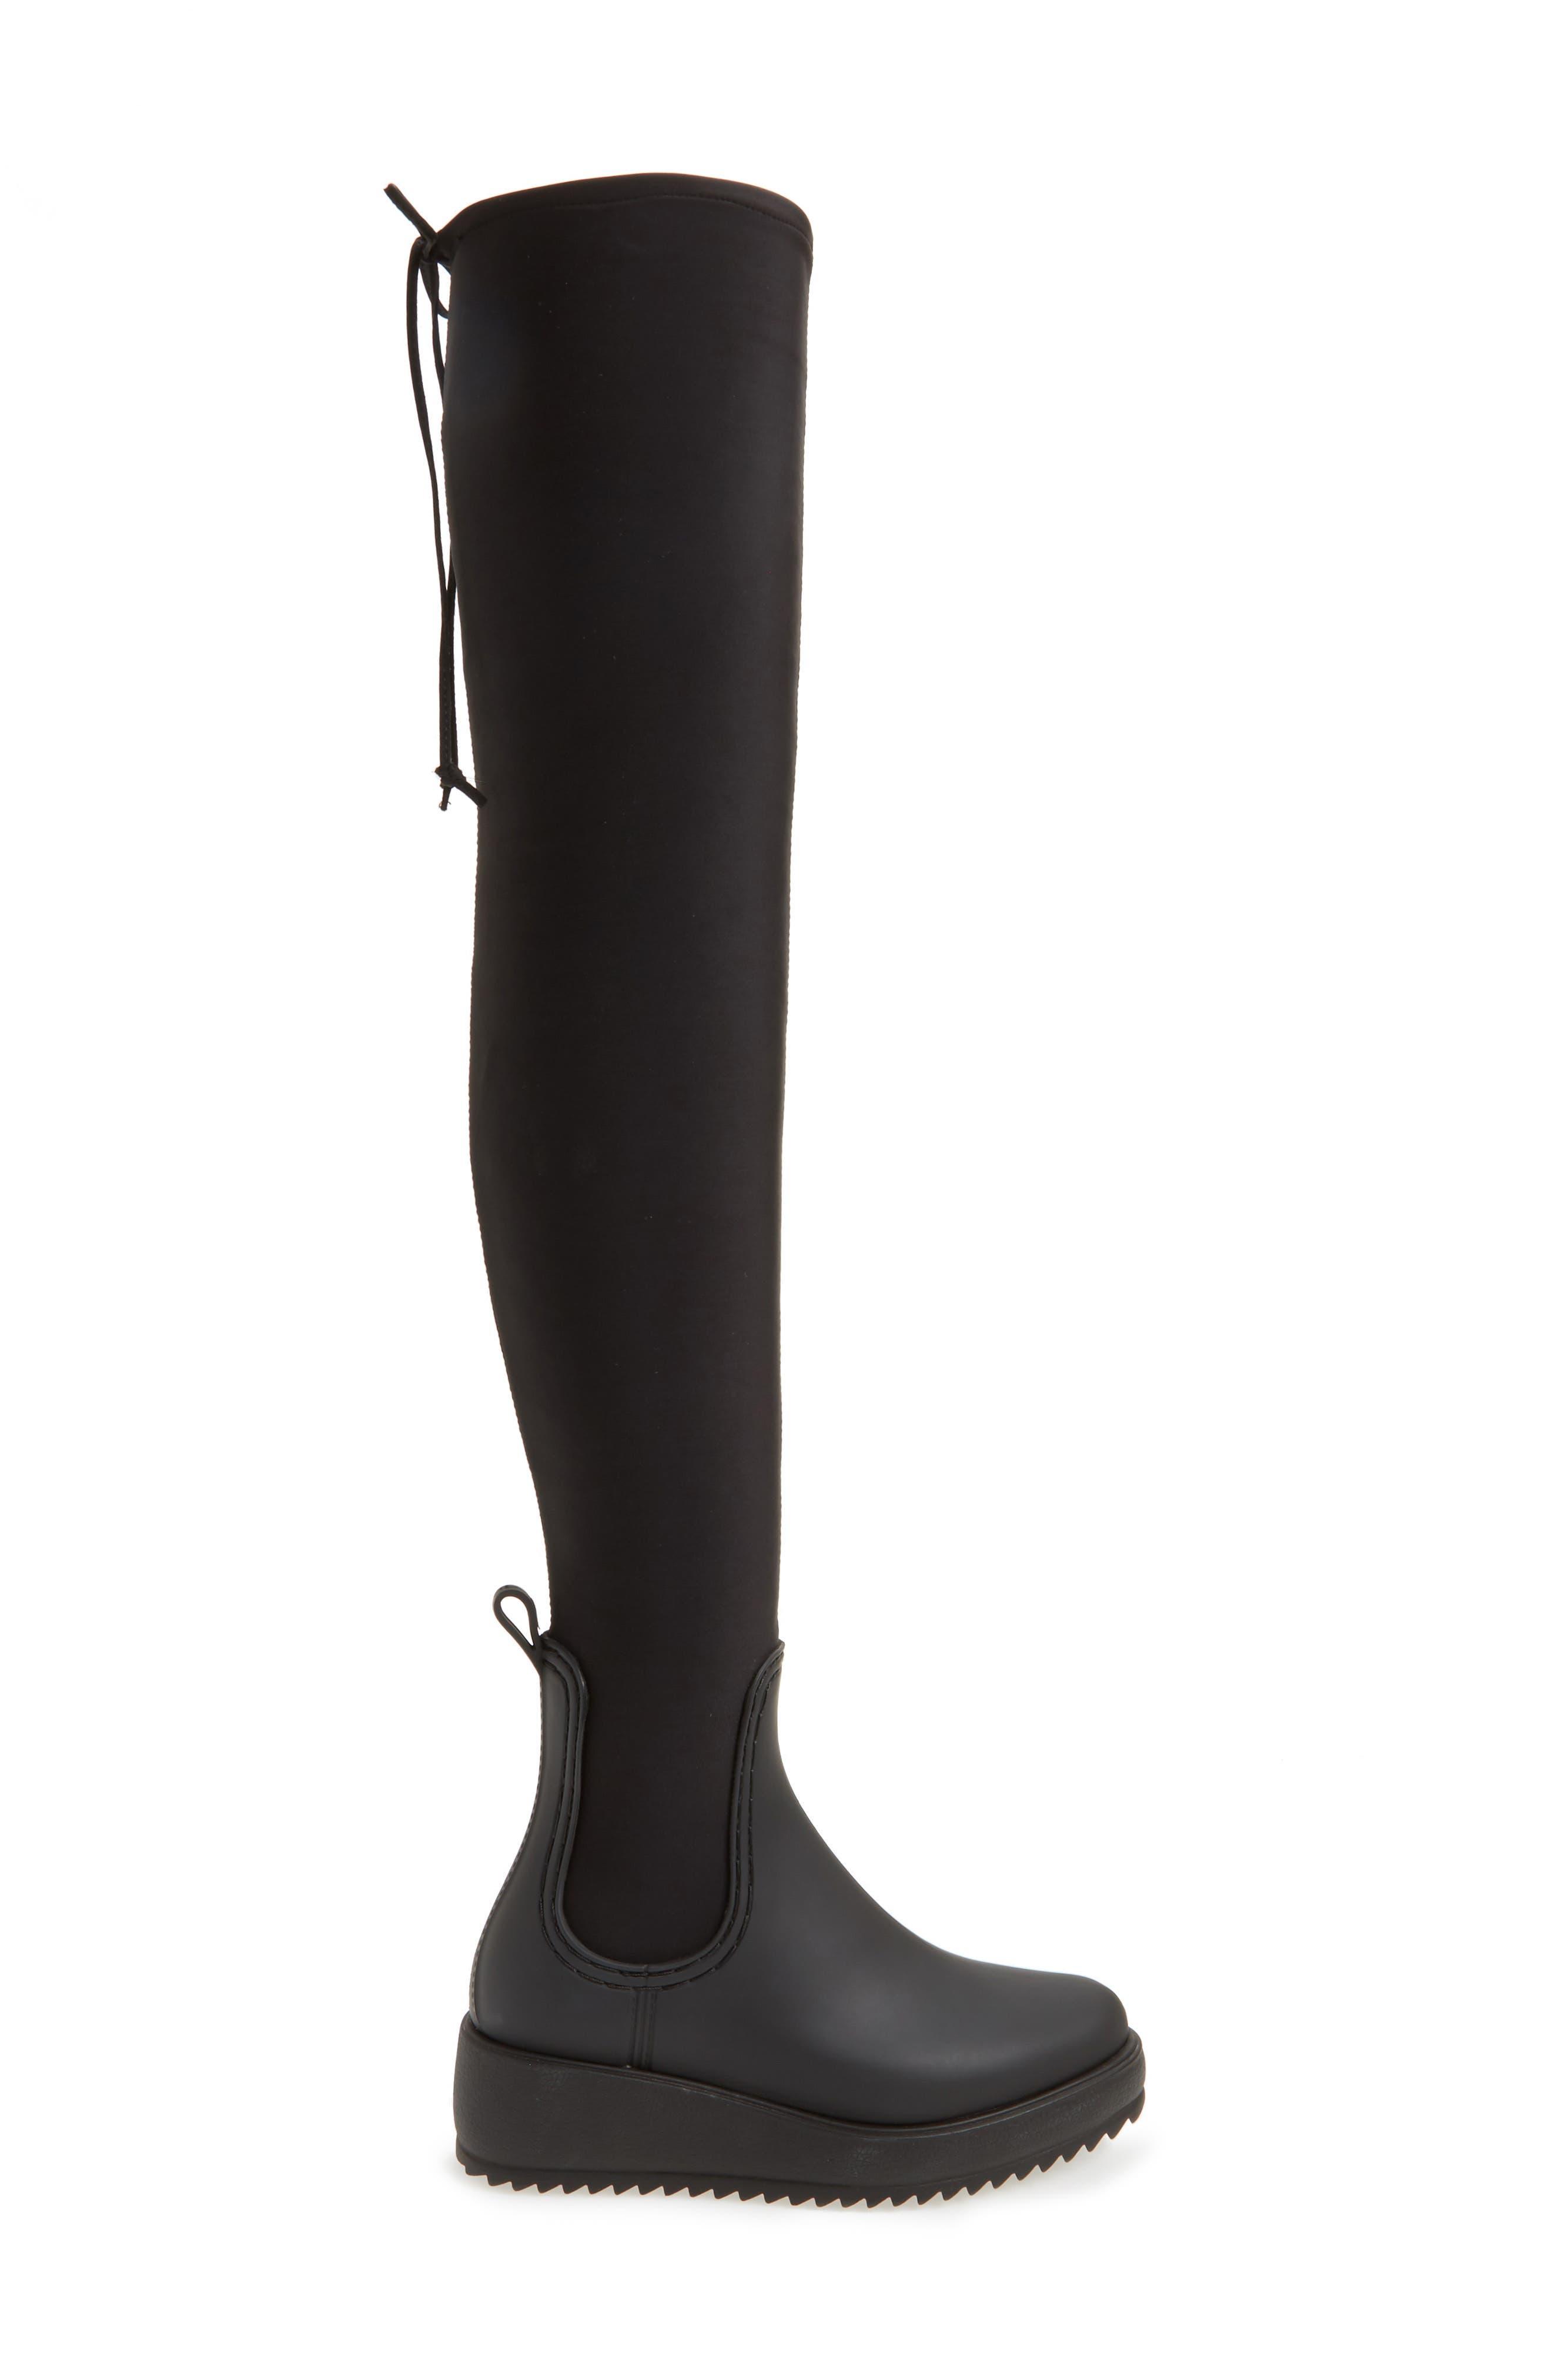 Monsoon Over the Knee Platform Rain Boot,                             Alternate thumbnail 3, color,                             Black Black Neoprene